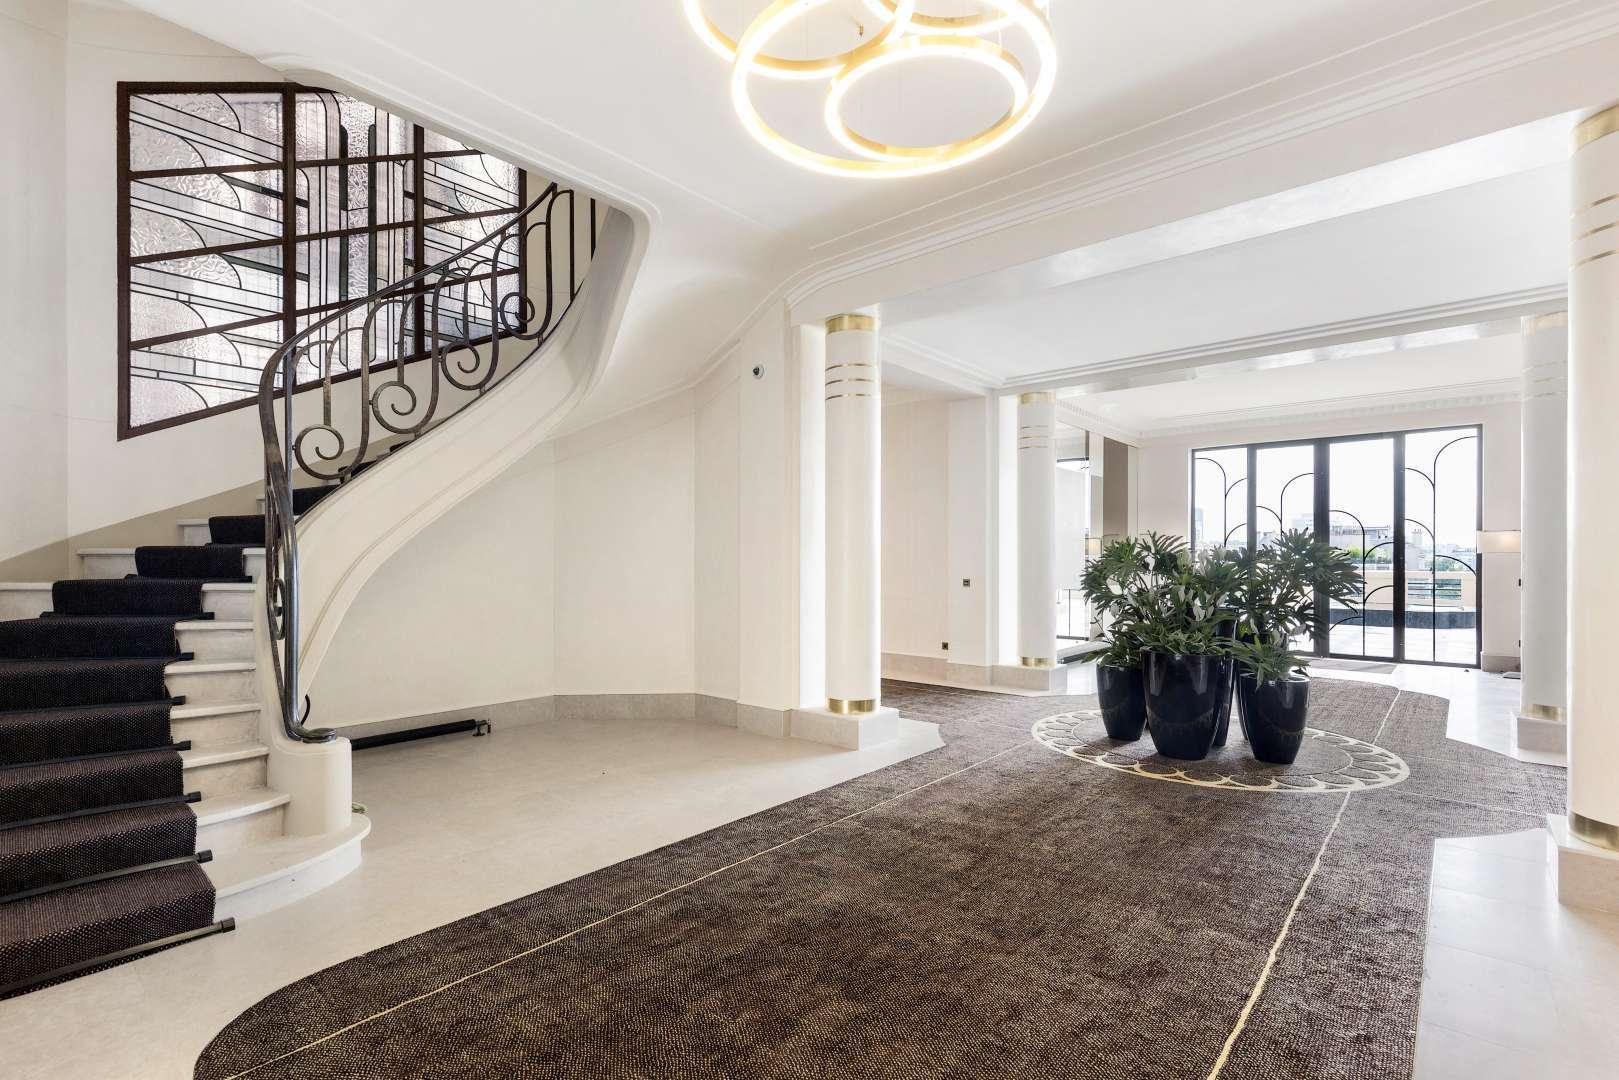 immobilier exceptionnel, immobilier de luxe, Art déco, Raynouard